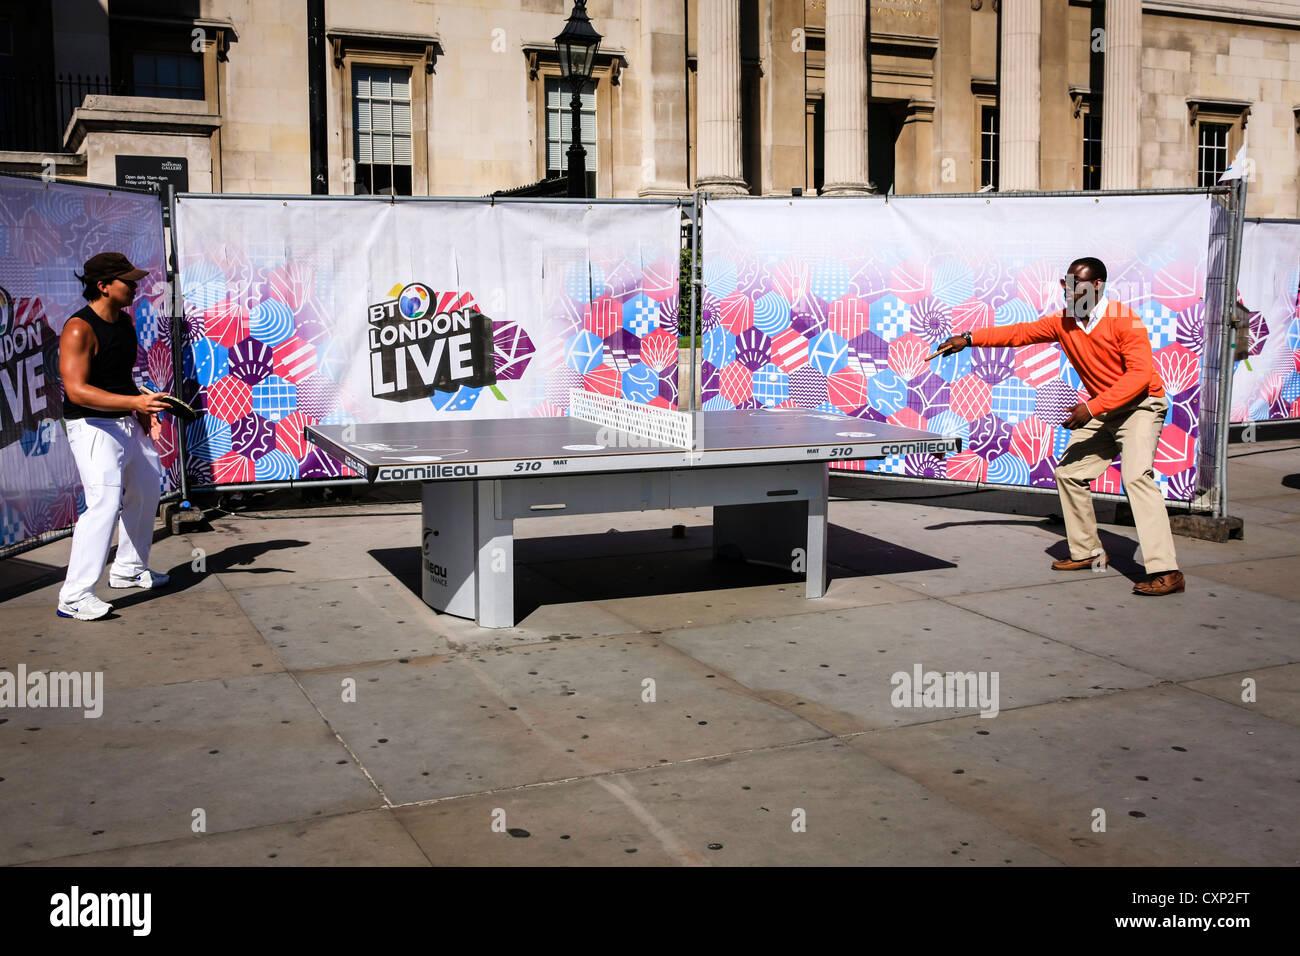 Personas jugando al tenis de mesa al aire libre en Londres Imagen De Stock